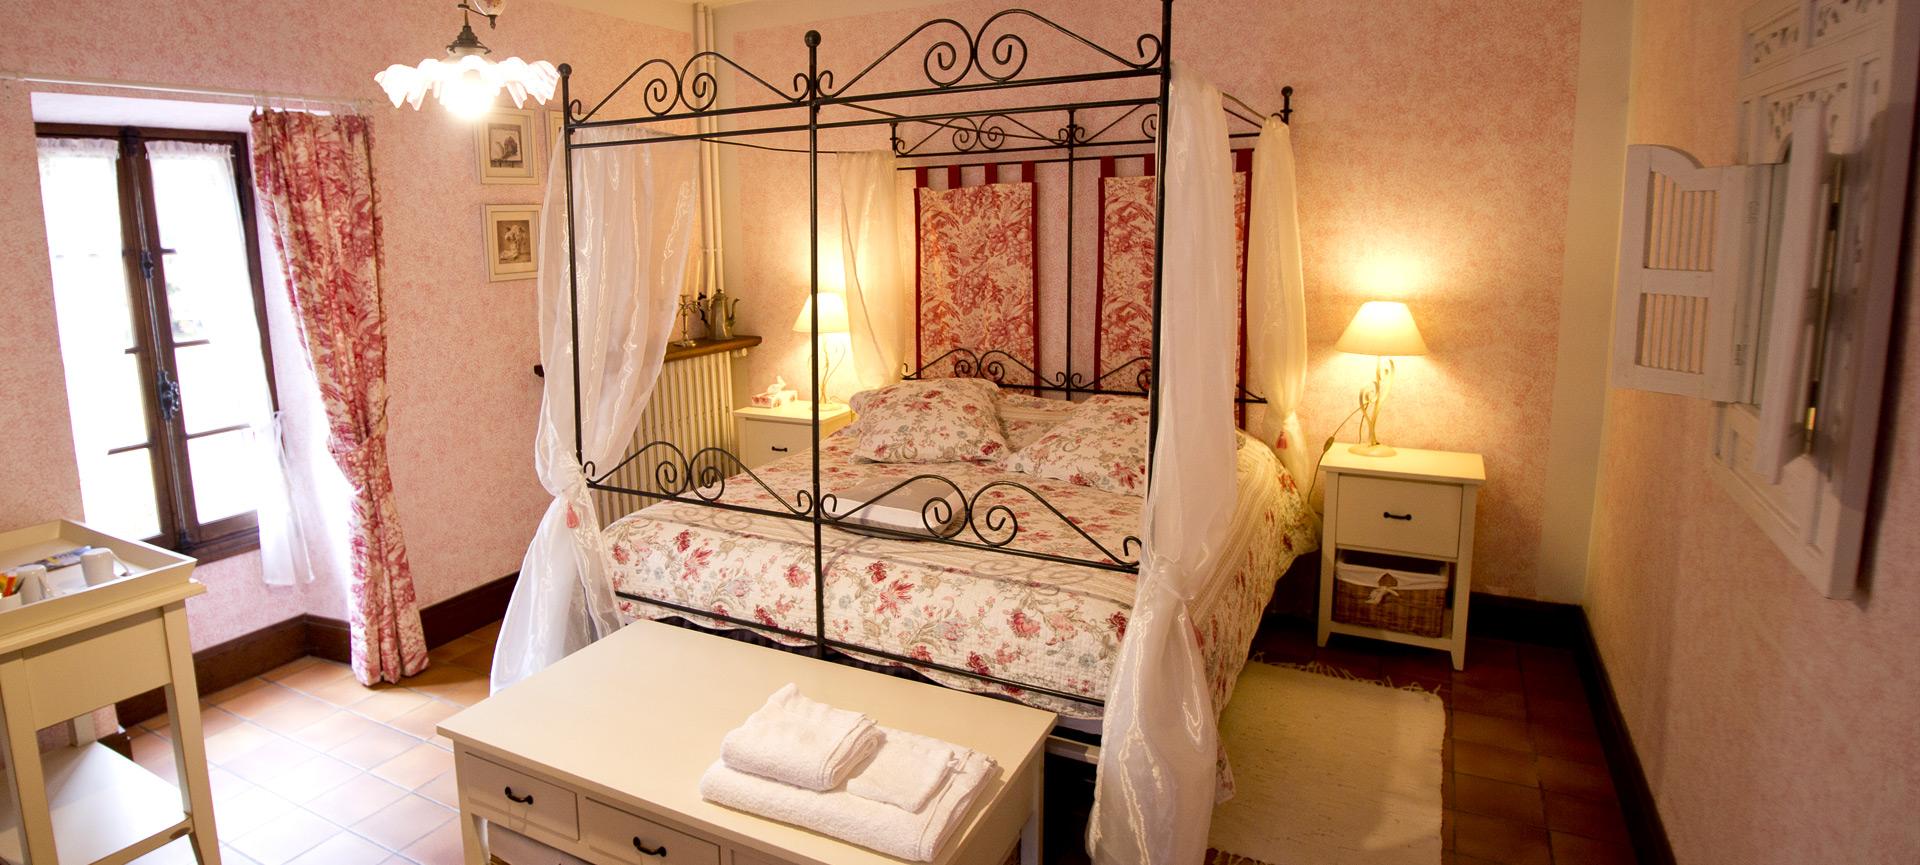 chambres d'hôtes moulin de benedicty, table d'hotes et gîte dans le Lot à Cahors